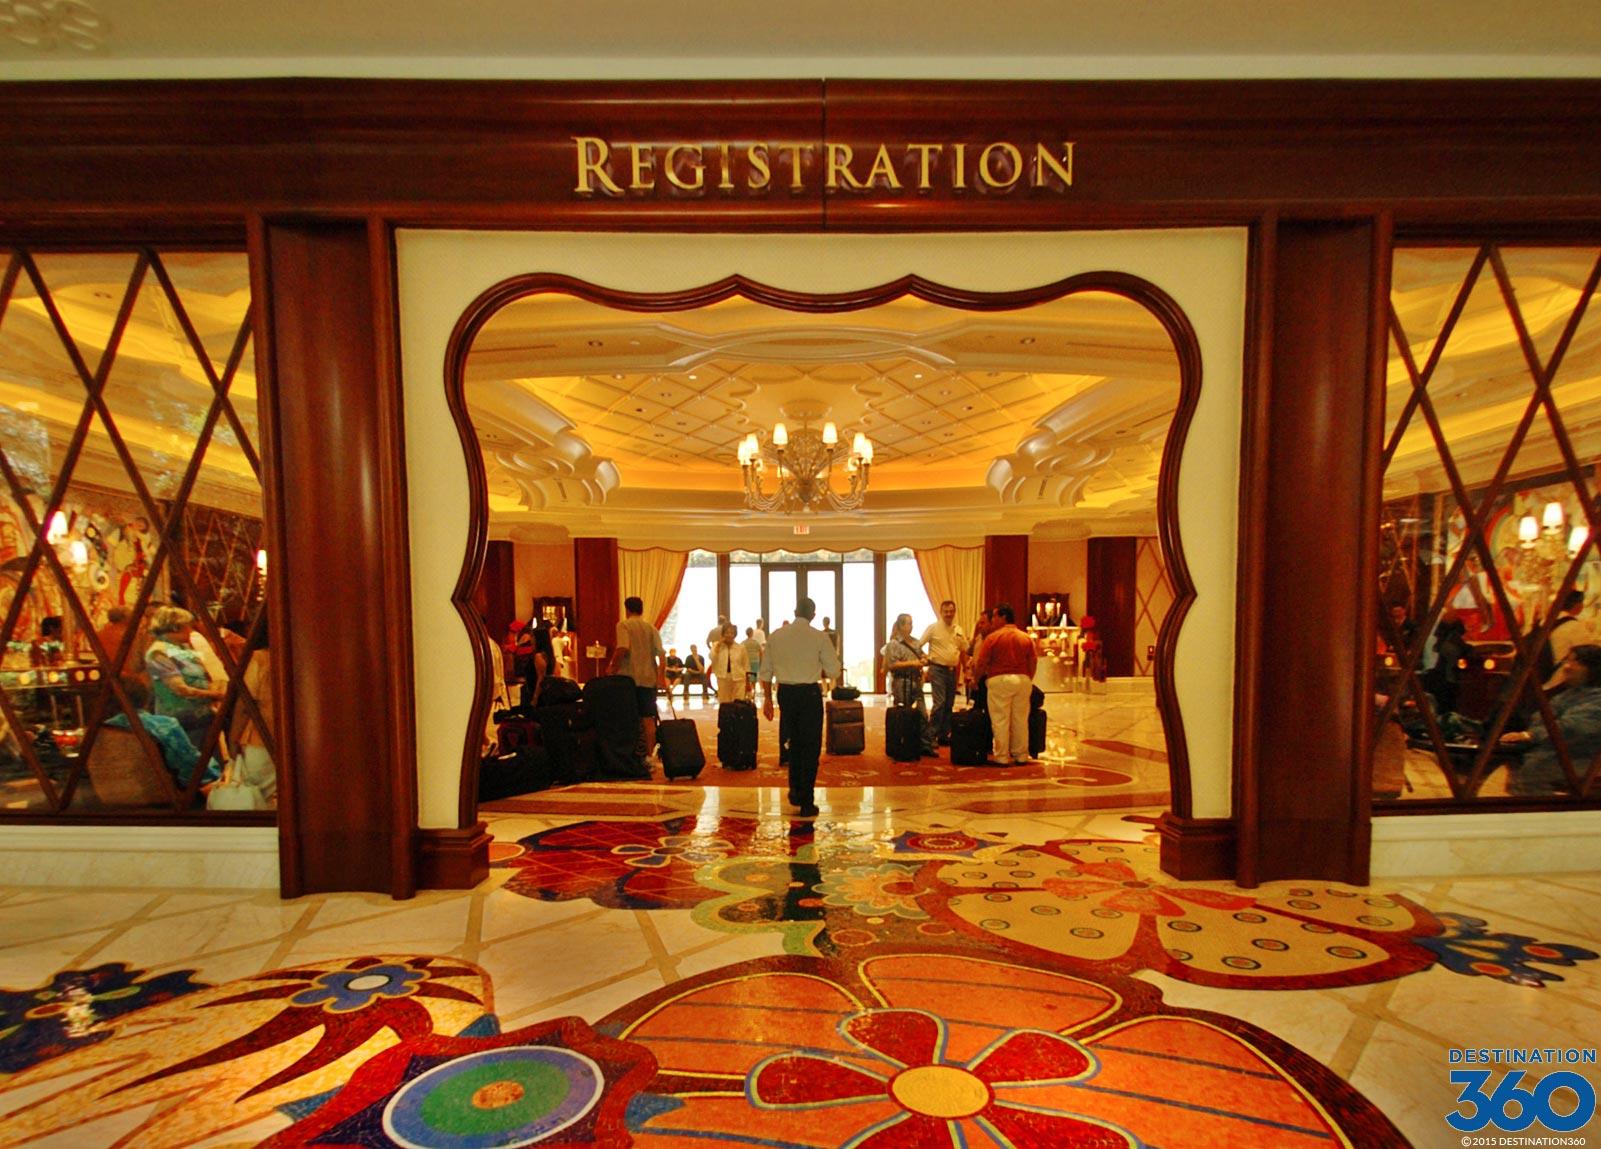 Wynn Hotel Lobby Inside The Wynn Las Vegas